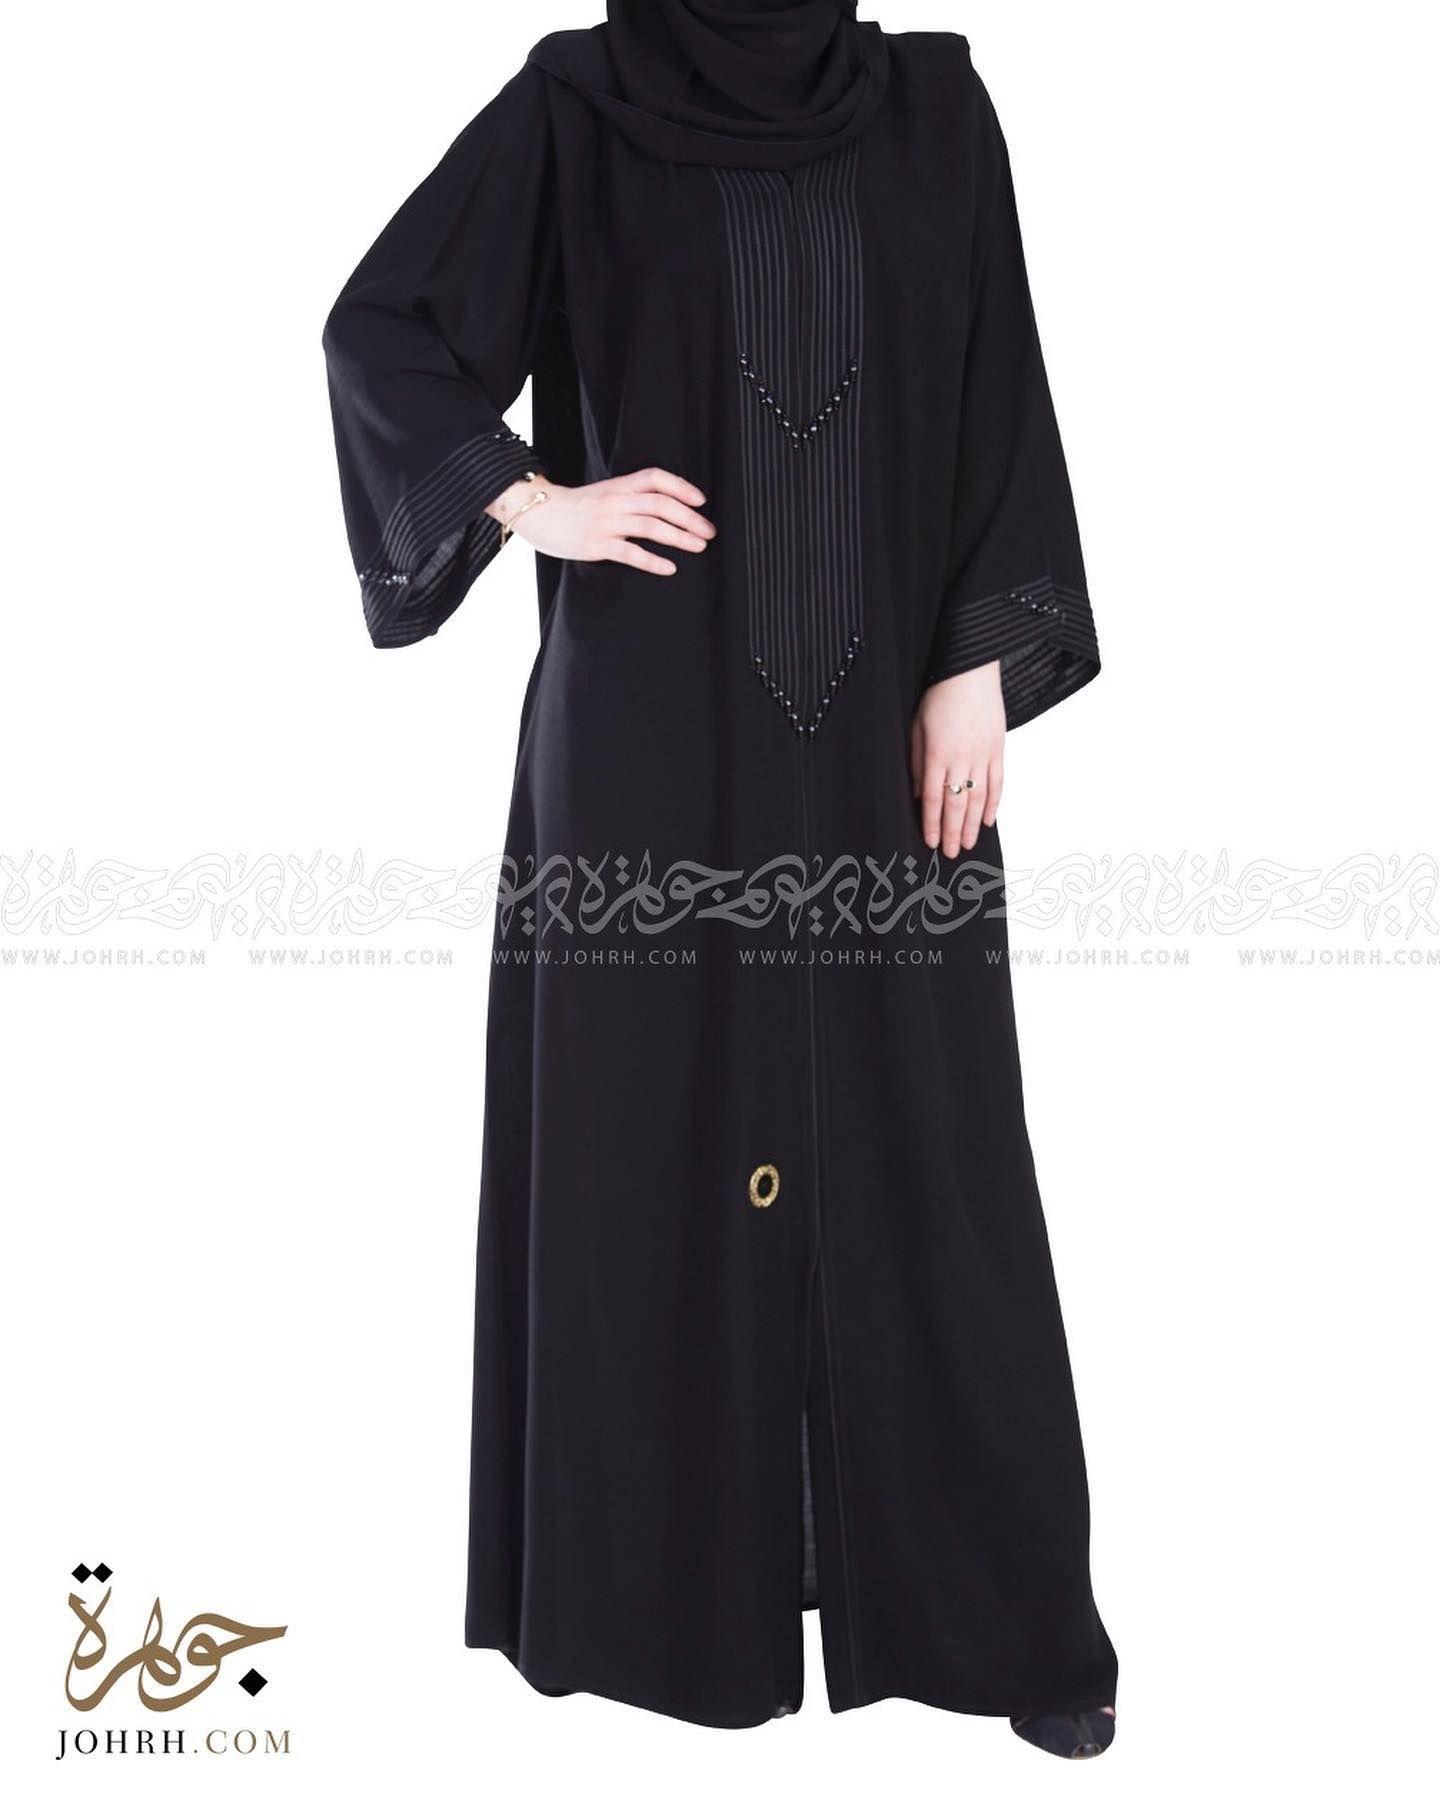 رقم الموديل 1438 السعر بعد الخصم 250 ريال عباءة مميزة بتصميم رائع وقماش لينين والقيطان الذي يأتي على الصدر Dresses With Sleeves Fashion Long Sleeve Dress